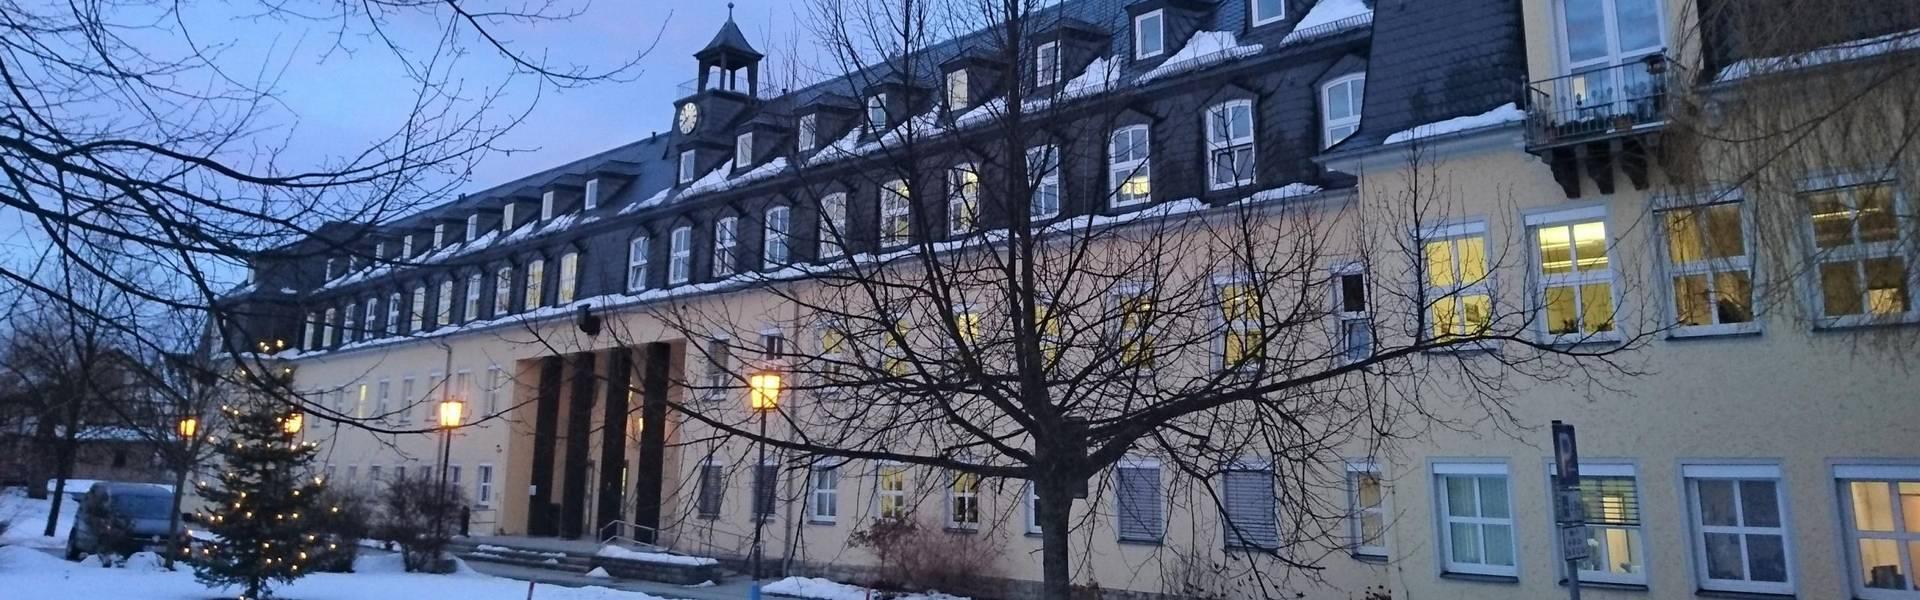 Gebäude des Landratsamtes in Schleiz ©Landratsamt Saale-Orla-Kreis, Pressestelle